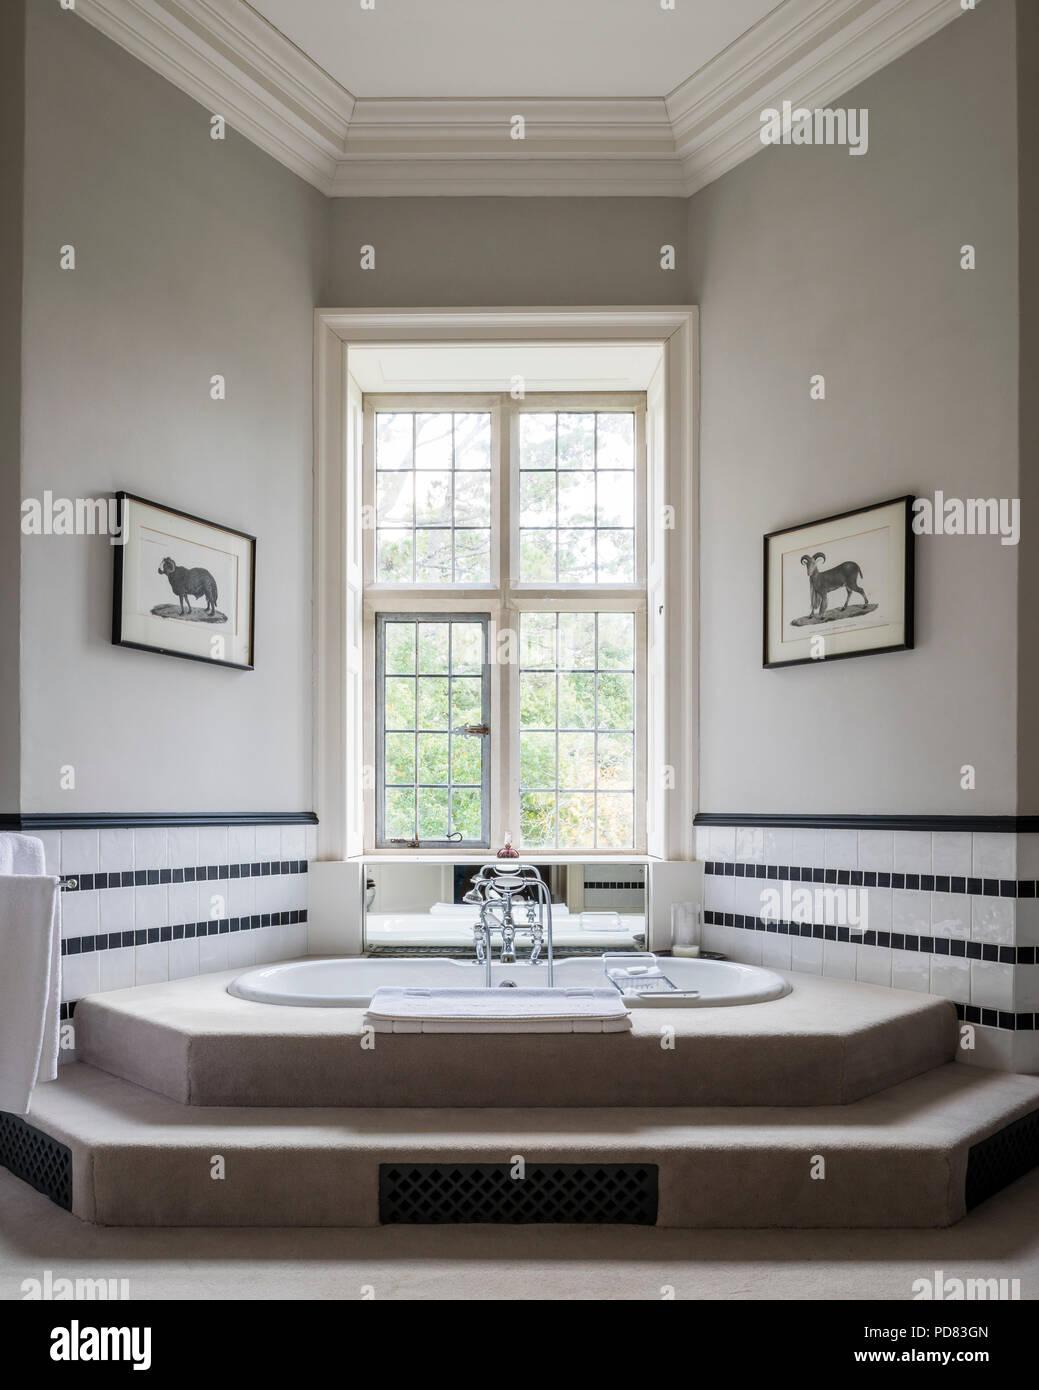 Luxus Master Badezimmer Mit Wanne Und Verstärken, Schwarze Und Weiße  Wandfliesen